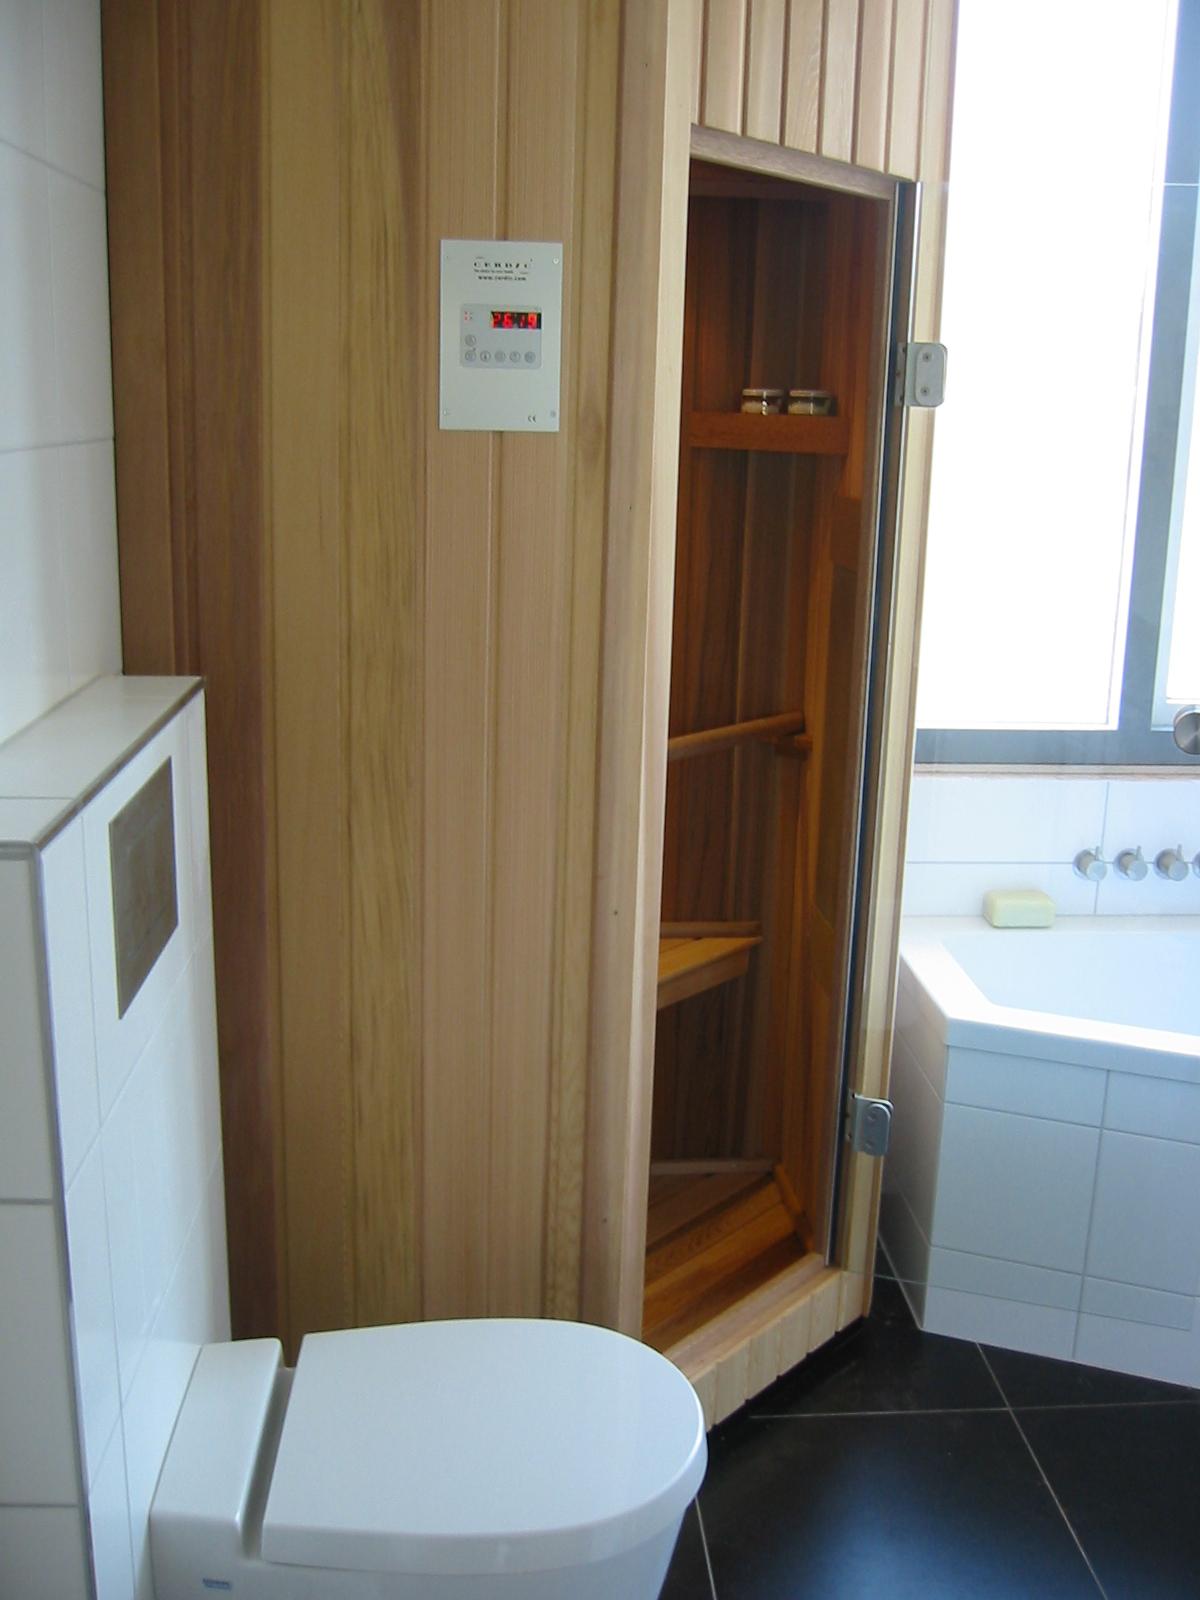 kleine badkamer sauna fuck for